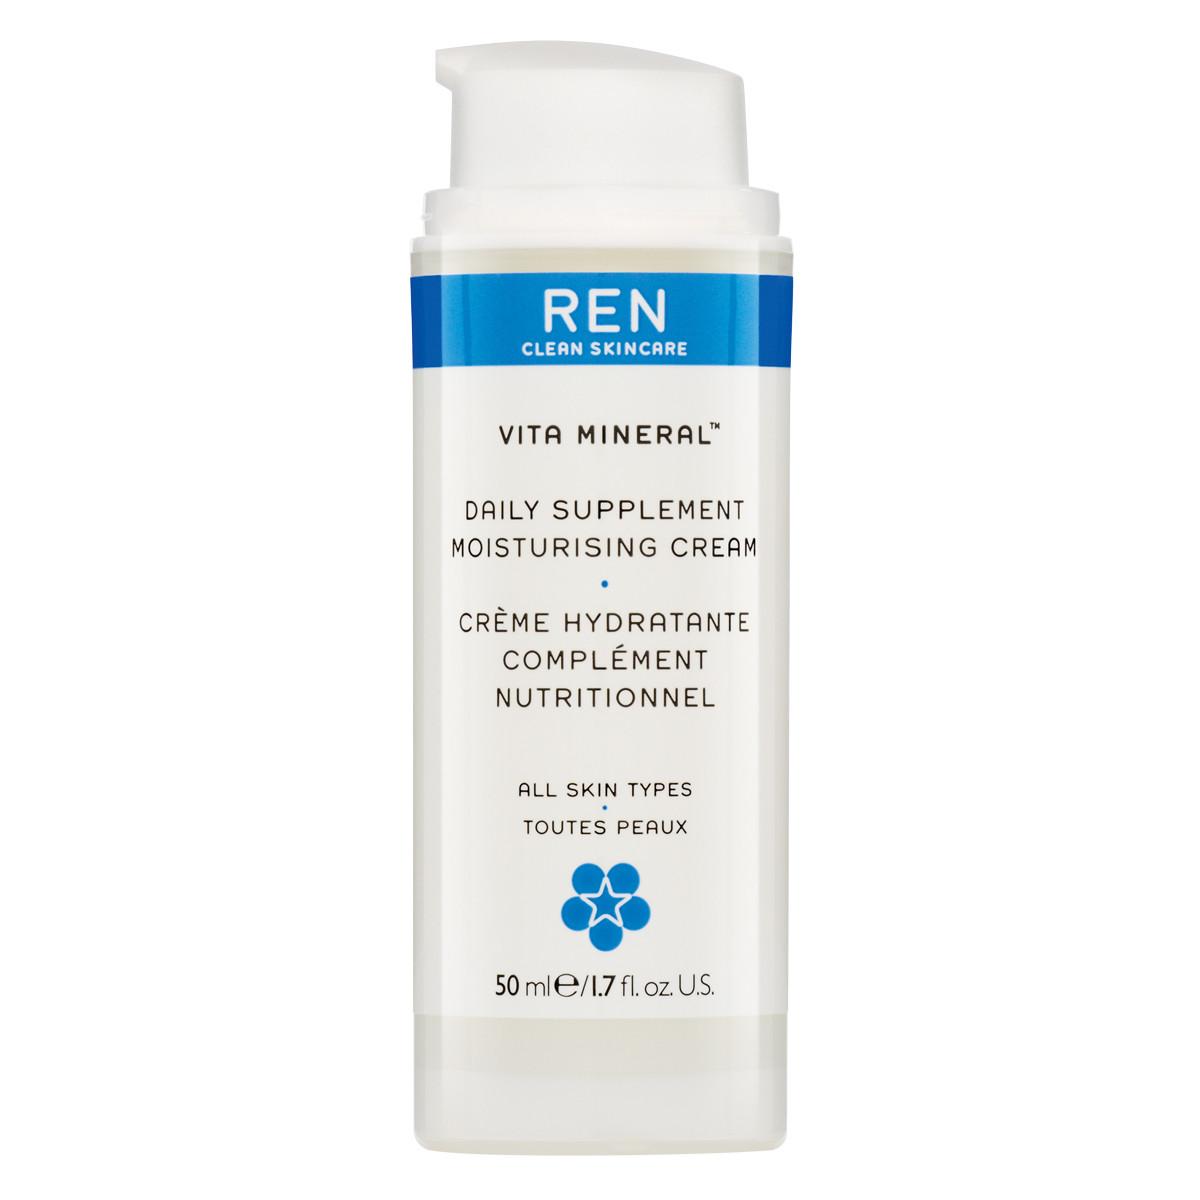 ren-clean-skincare-vita-mineral-daily-supplement-moisturising-cream-feuchtigkeitsspendende-creme